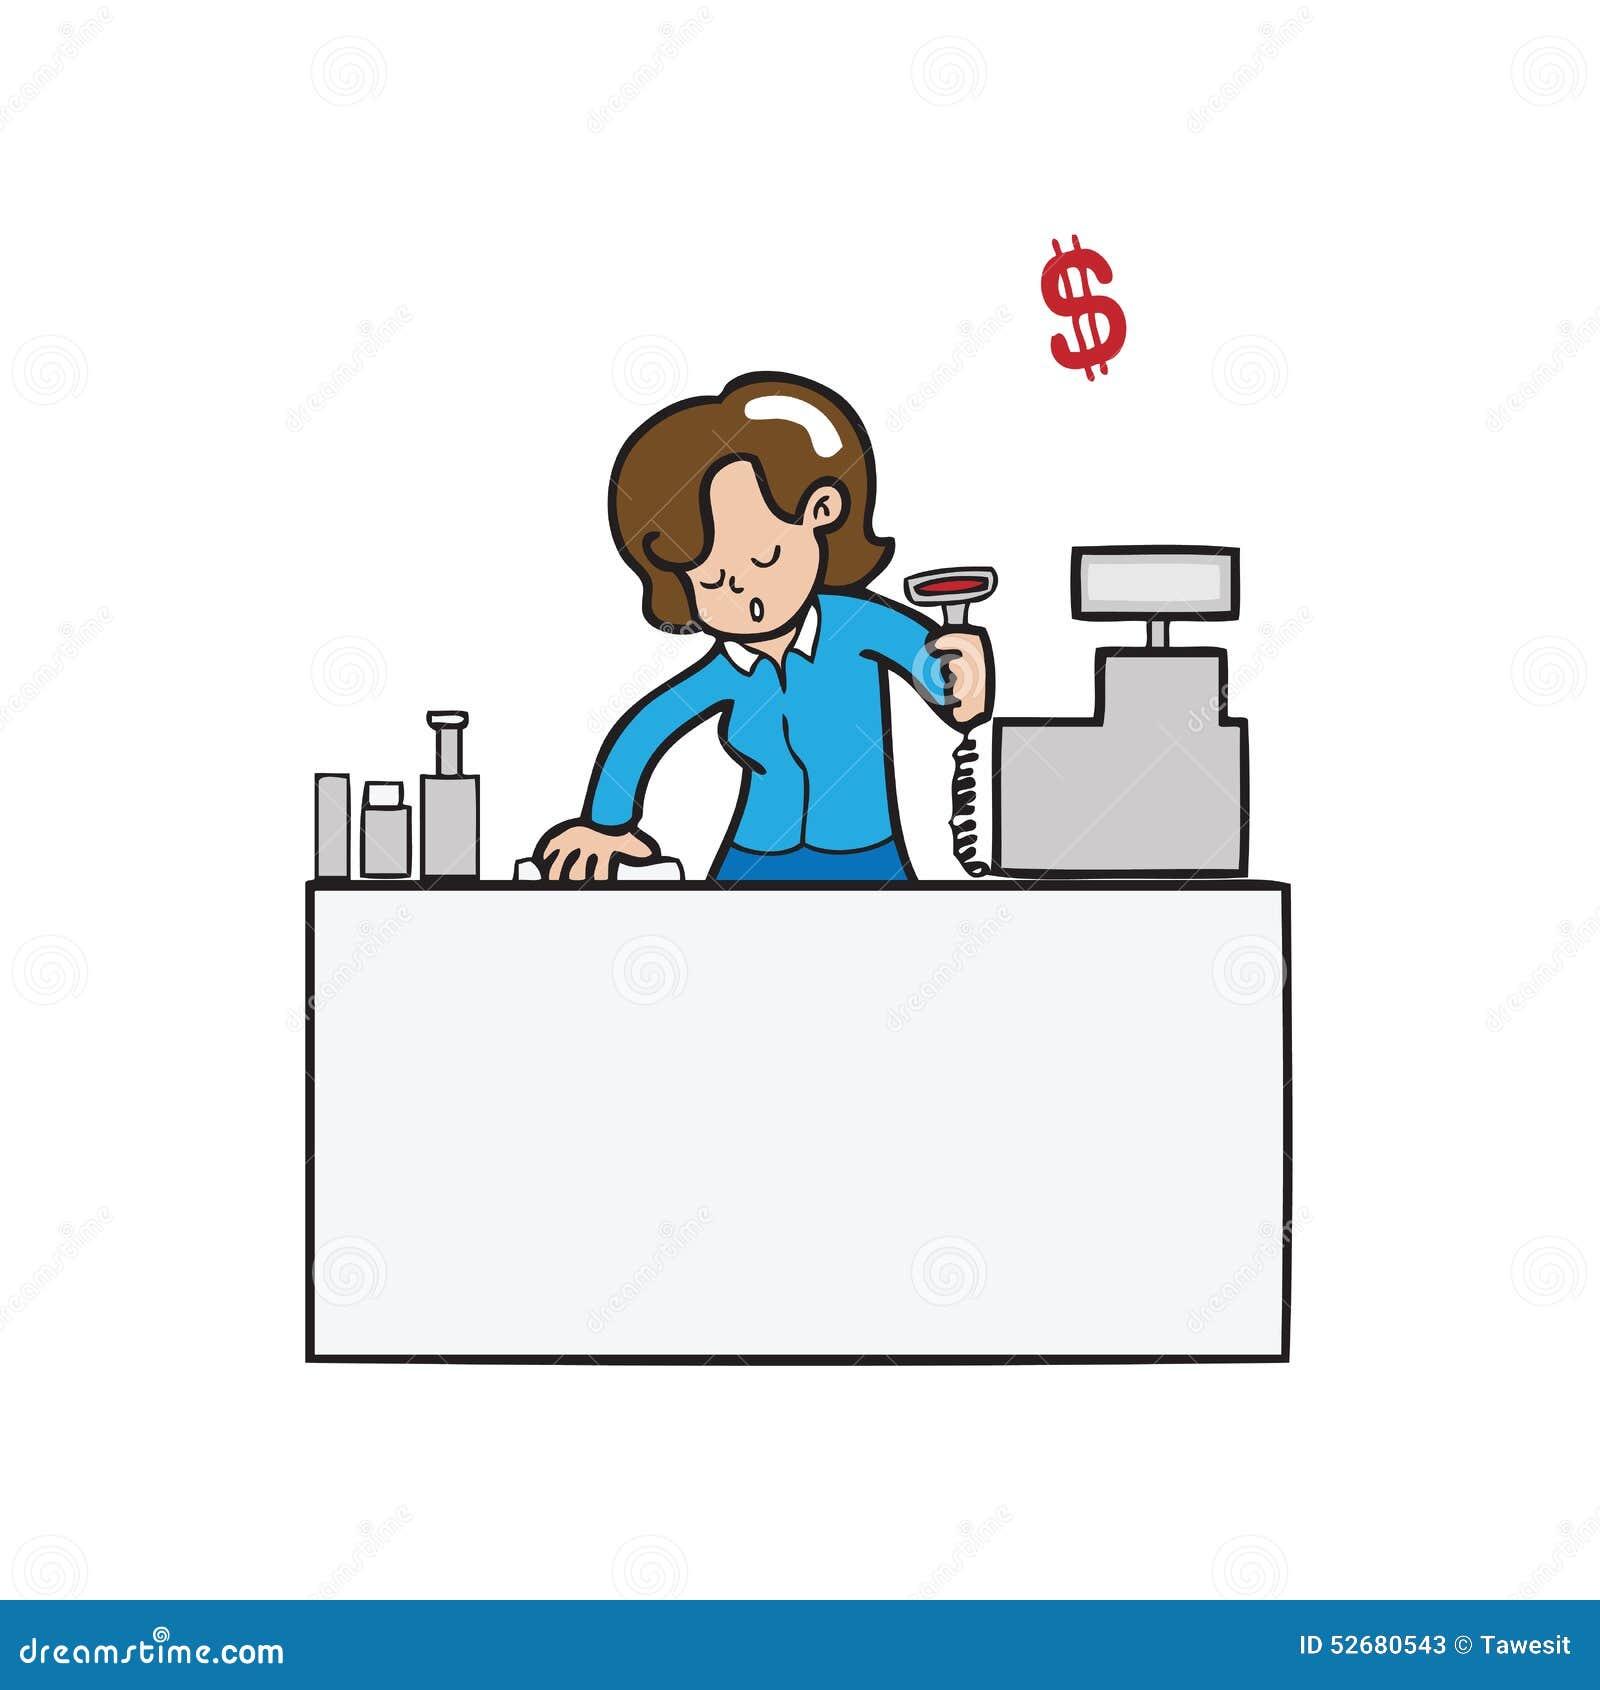 Cashier Cartoons: Cashier Spermarket Cartoon Vector